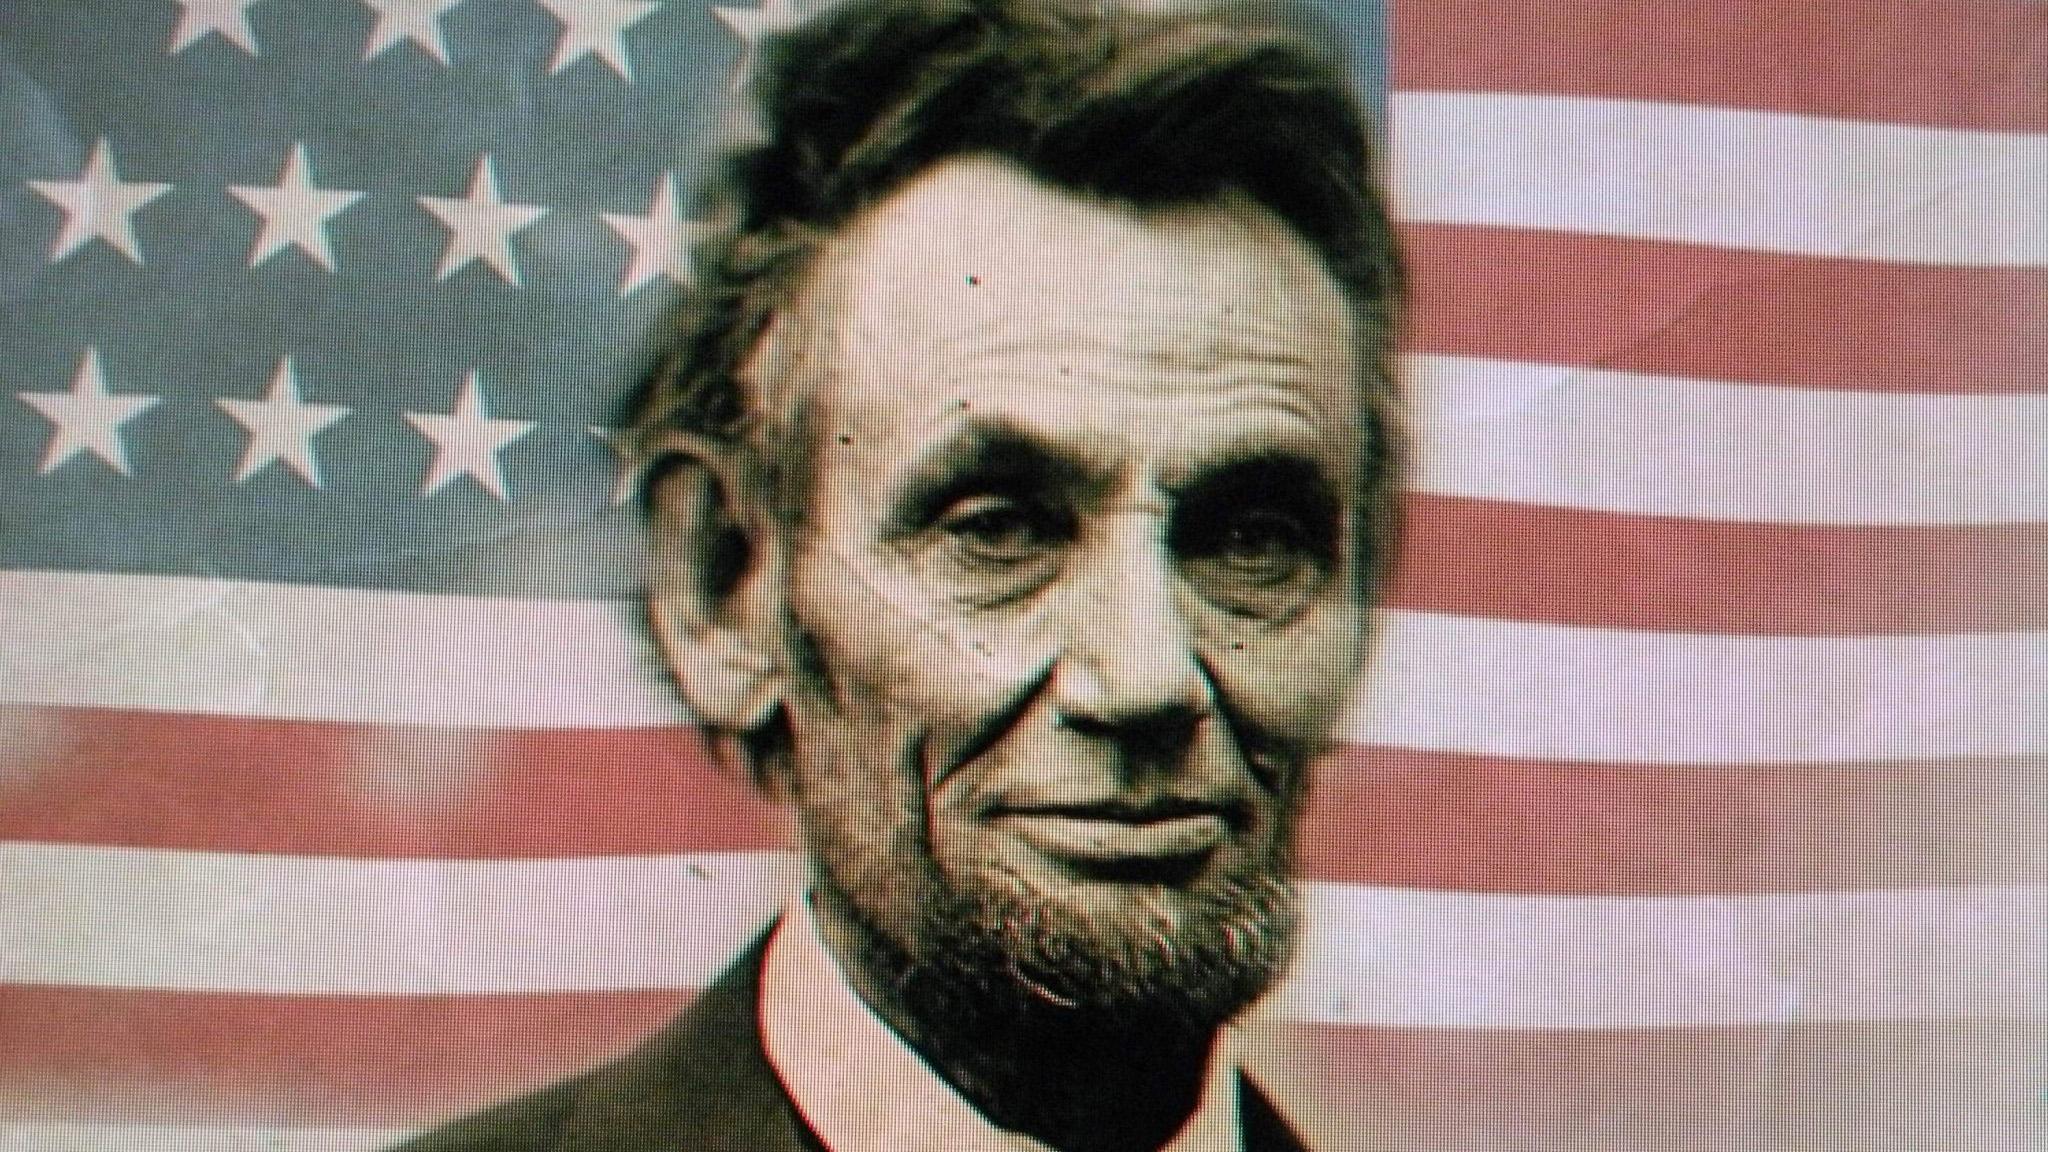 Abraham Lincoln President Amerika Syarikat ke-16